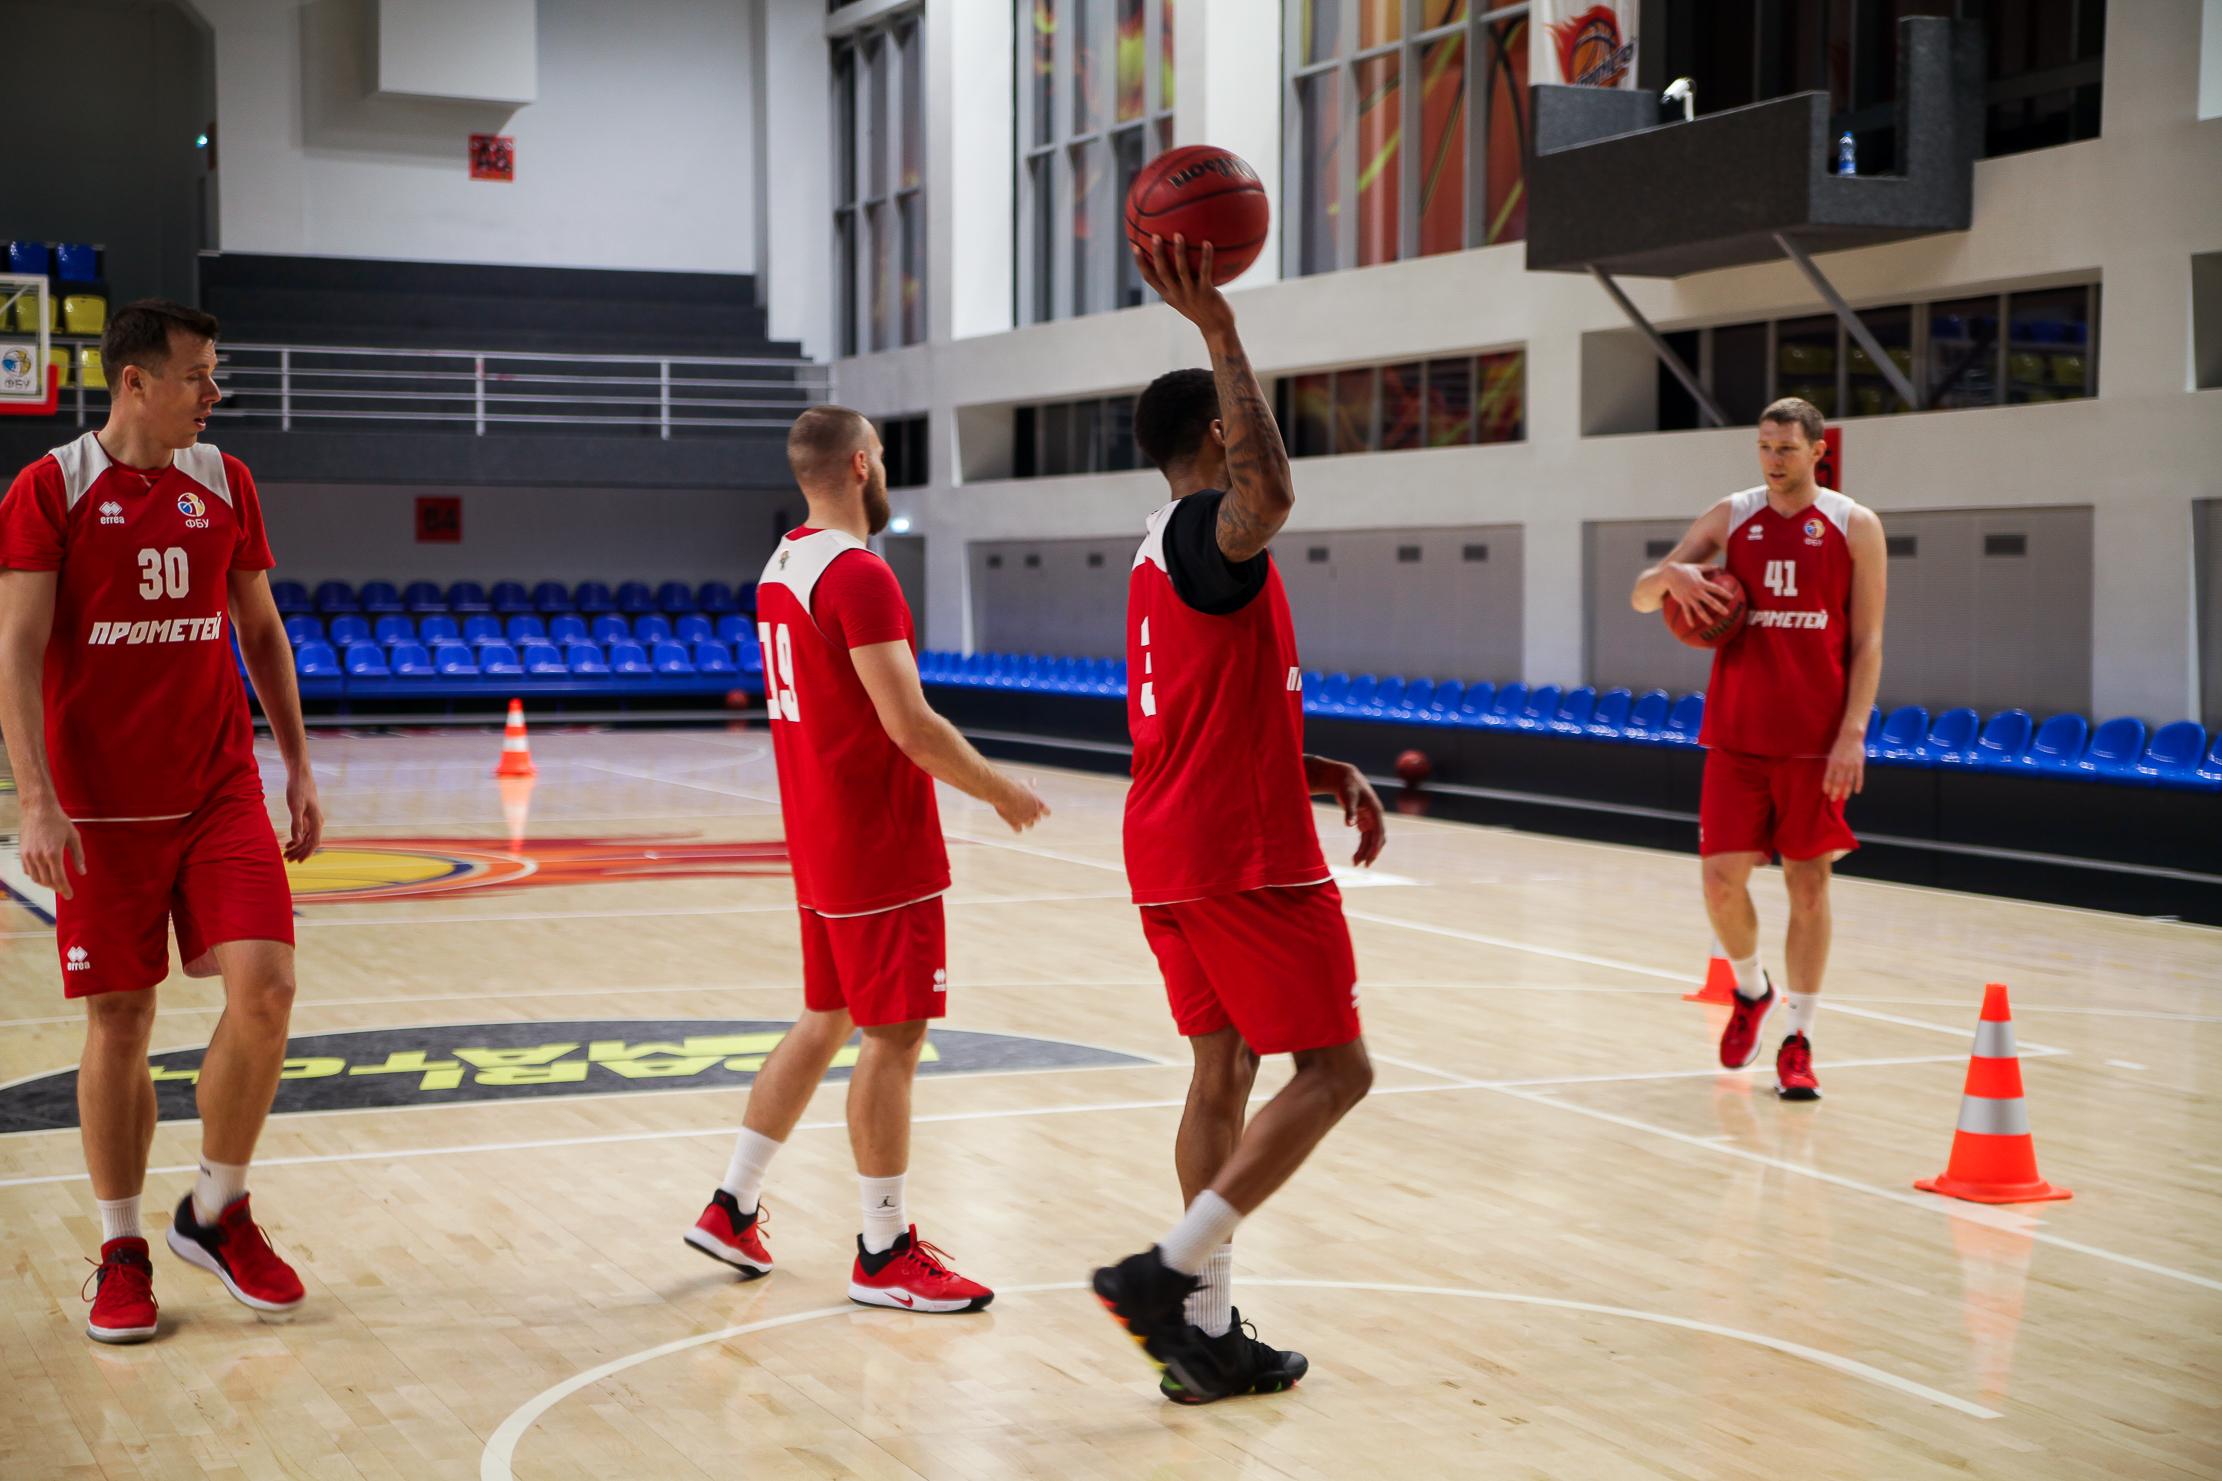 У великій залі – сучасні умови для розвитку волейболу, баскетболу